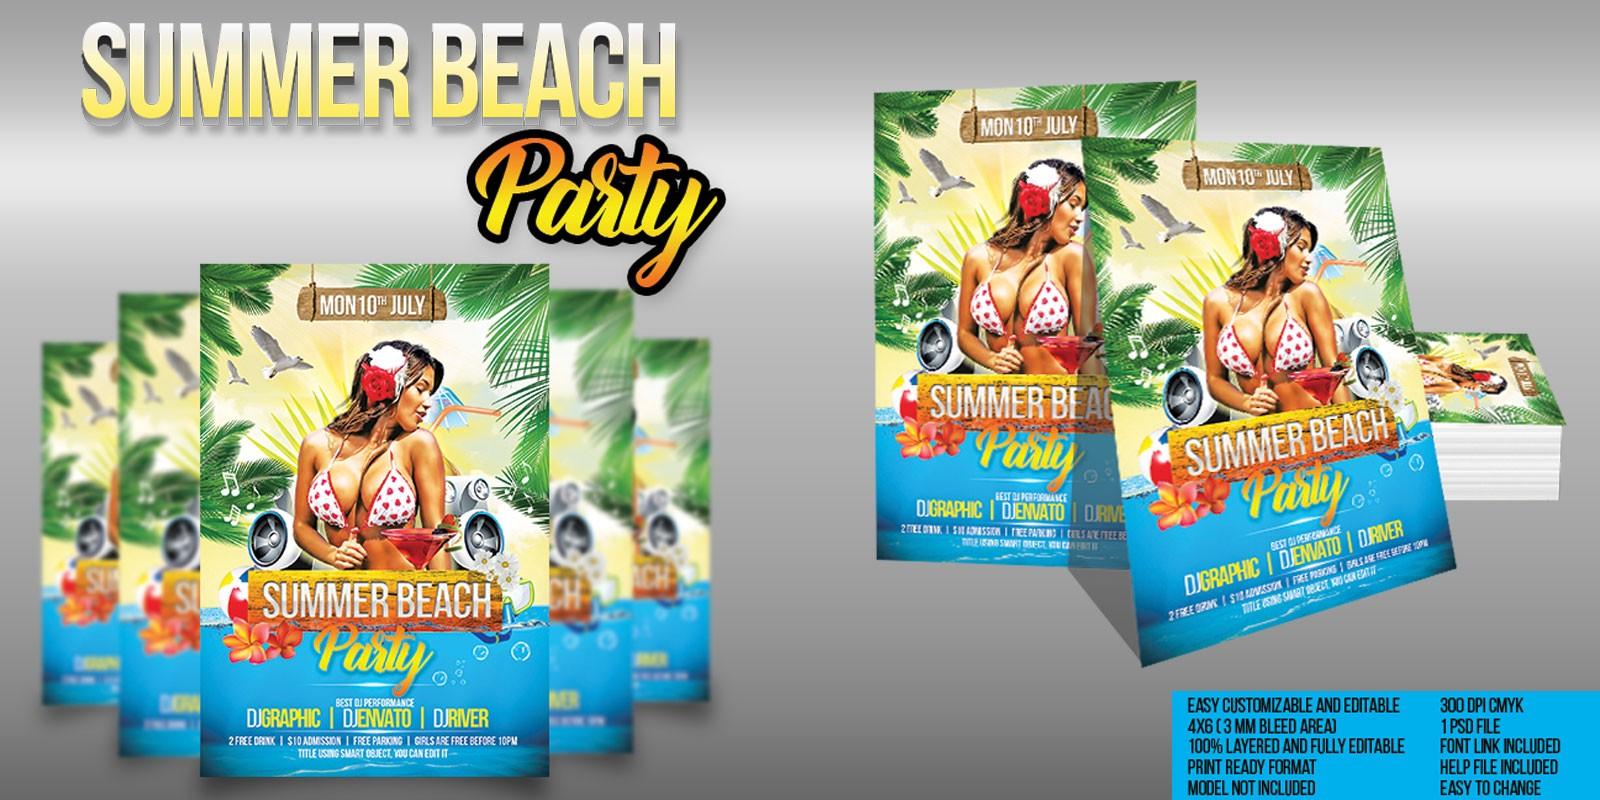 Summer Beach Party Flyer Template Codester